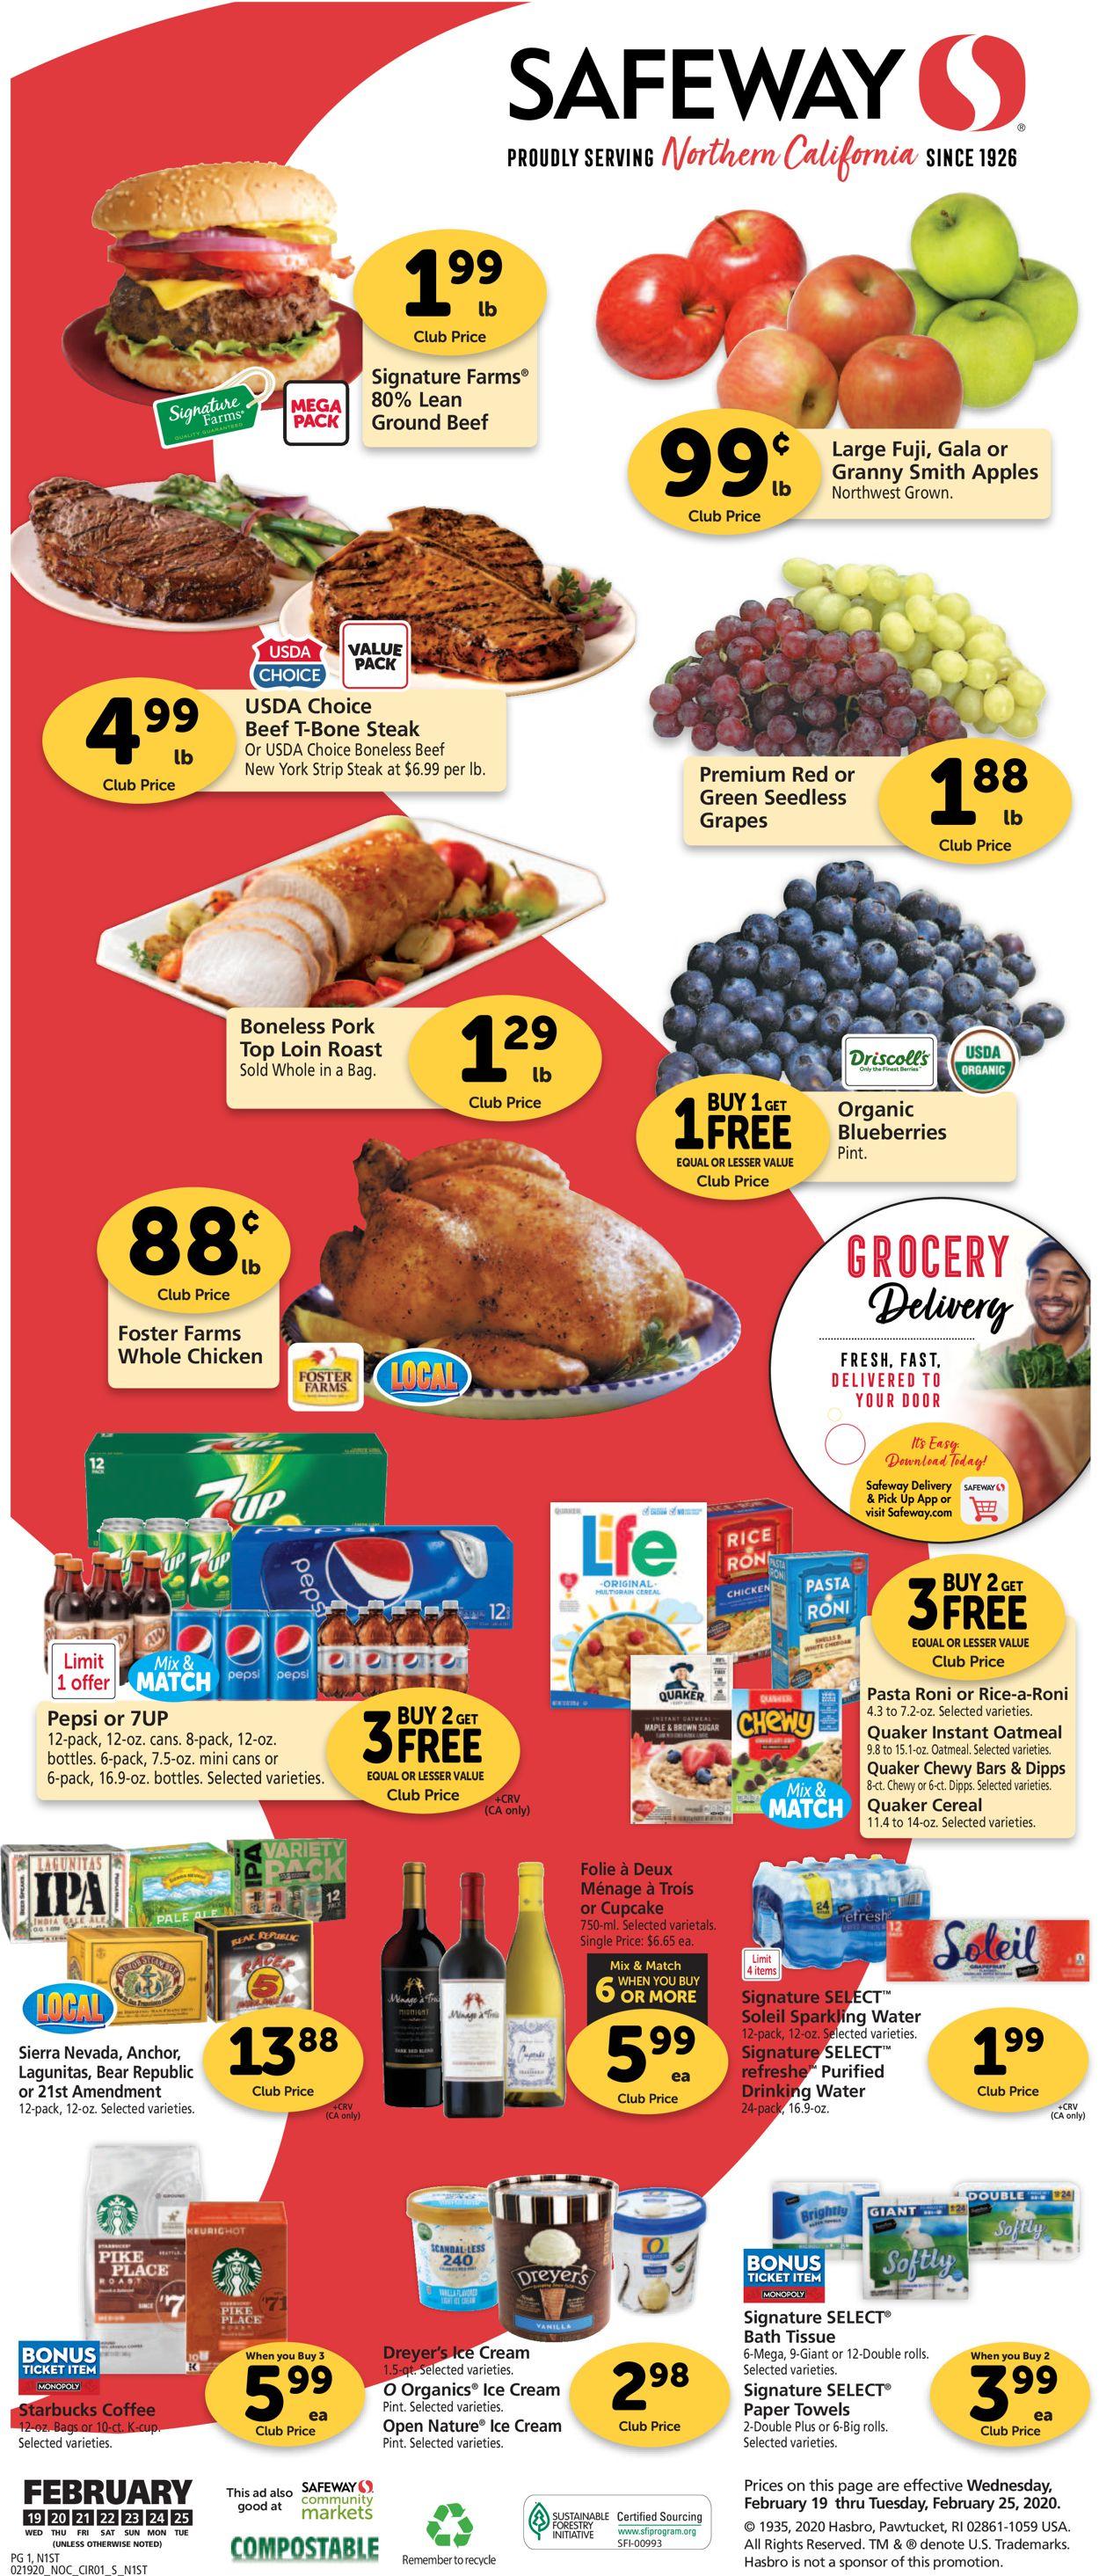 Safeway Weekly Ad Circular - valid 02/19-02/25/2020